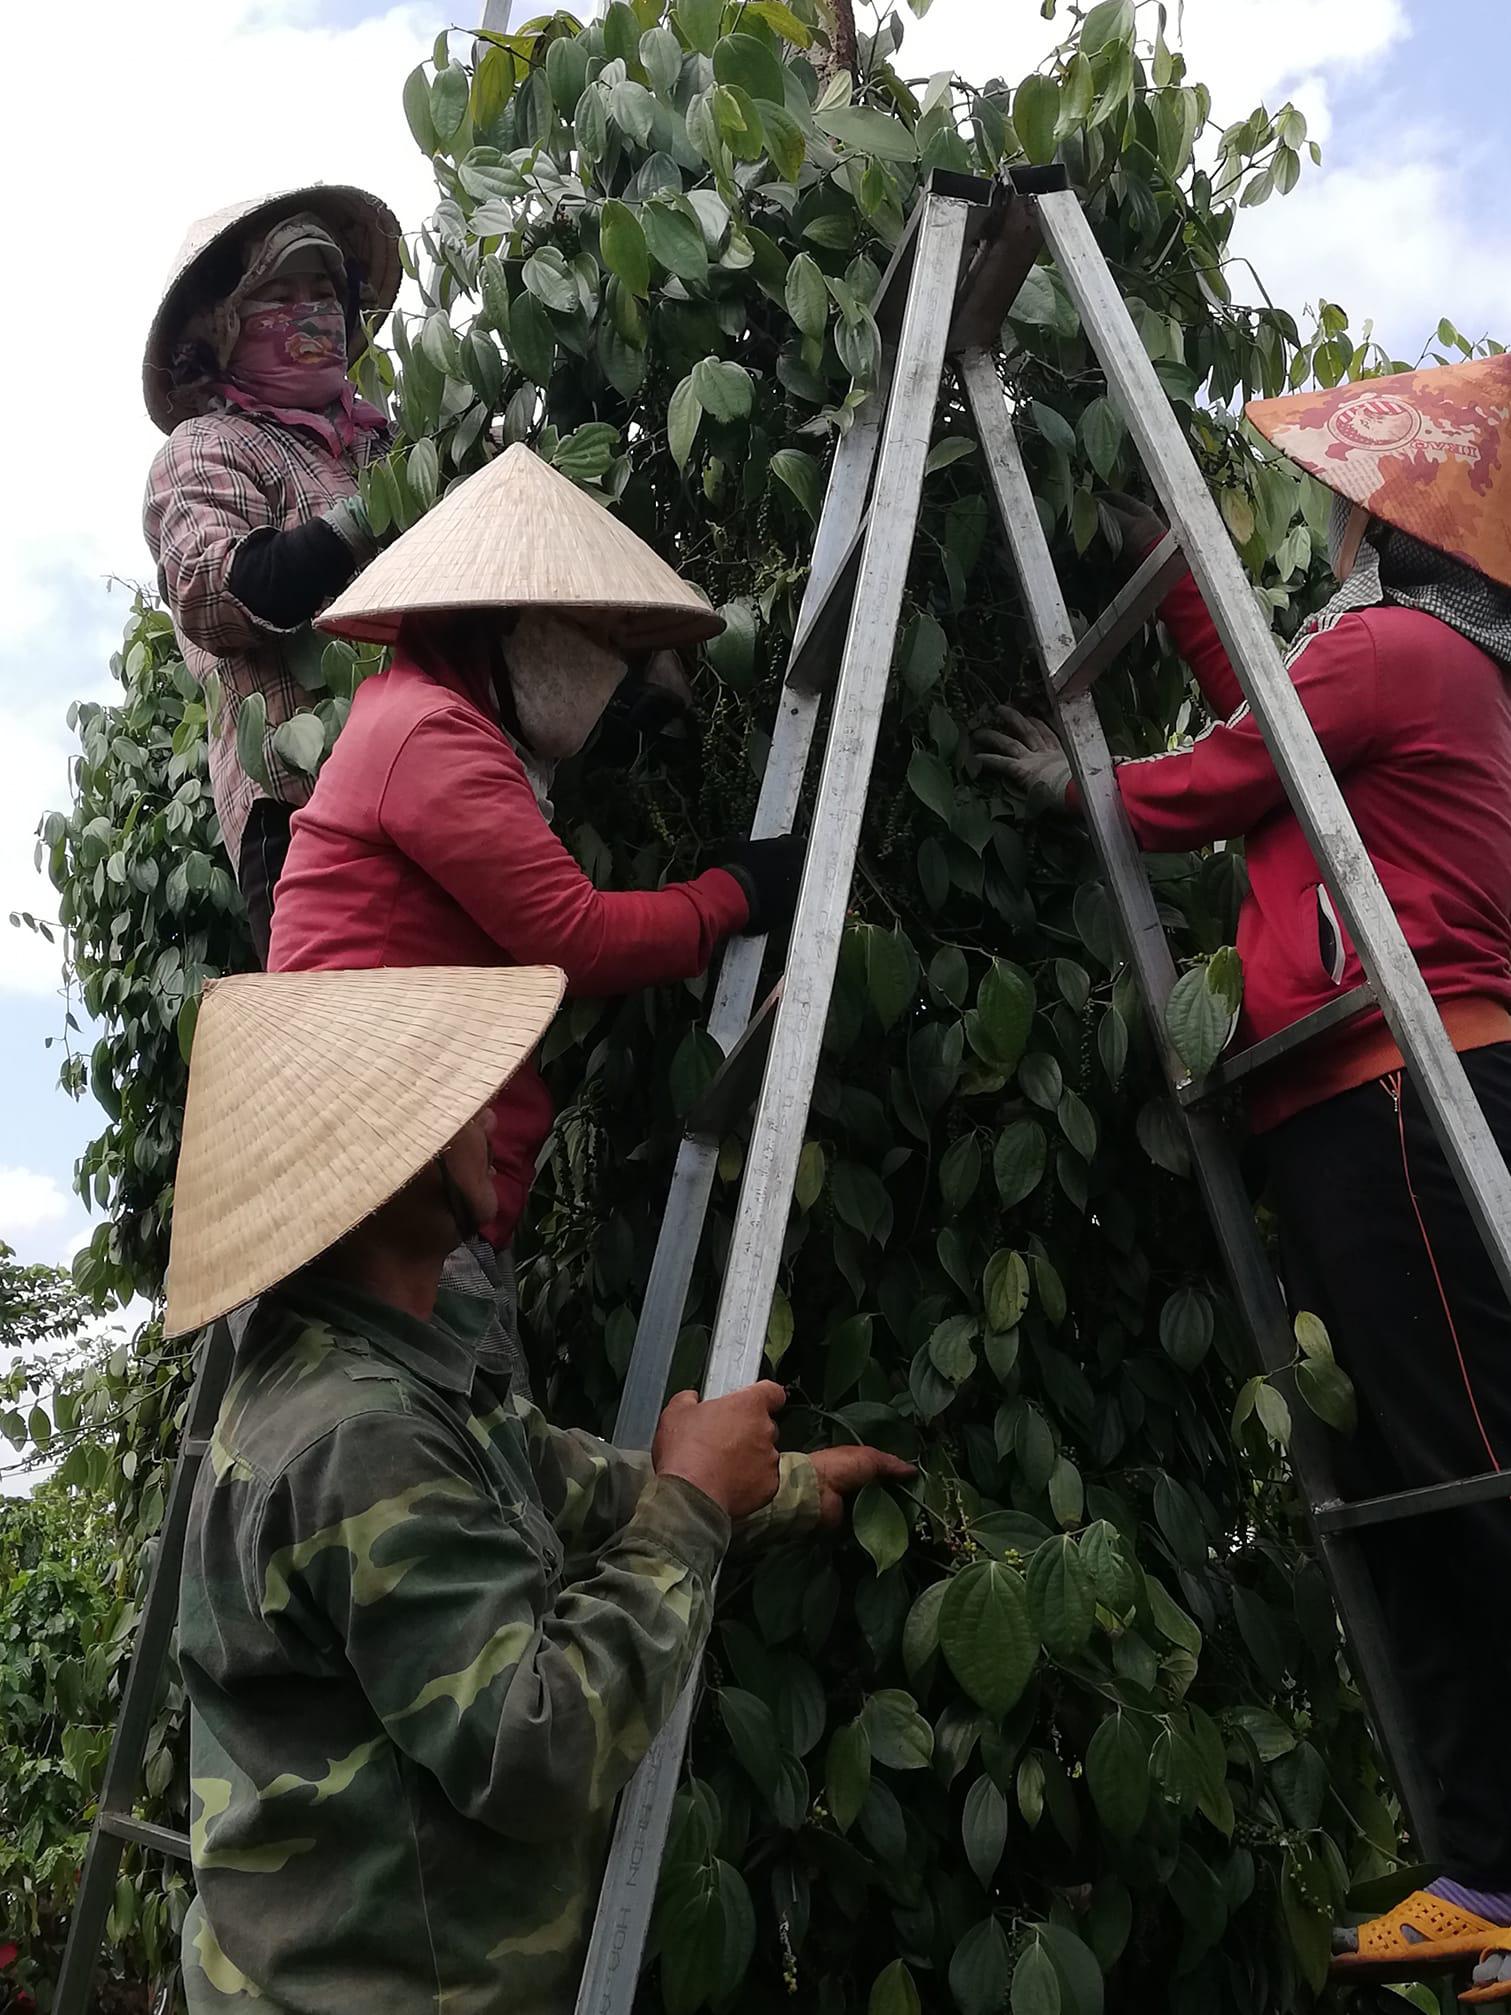 Giá tiêu hôm nay 13/4: Giá tiêu trắng Trung Quốc cao hơn Việt Nam cả ngàn đô la - Ảnh 1.